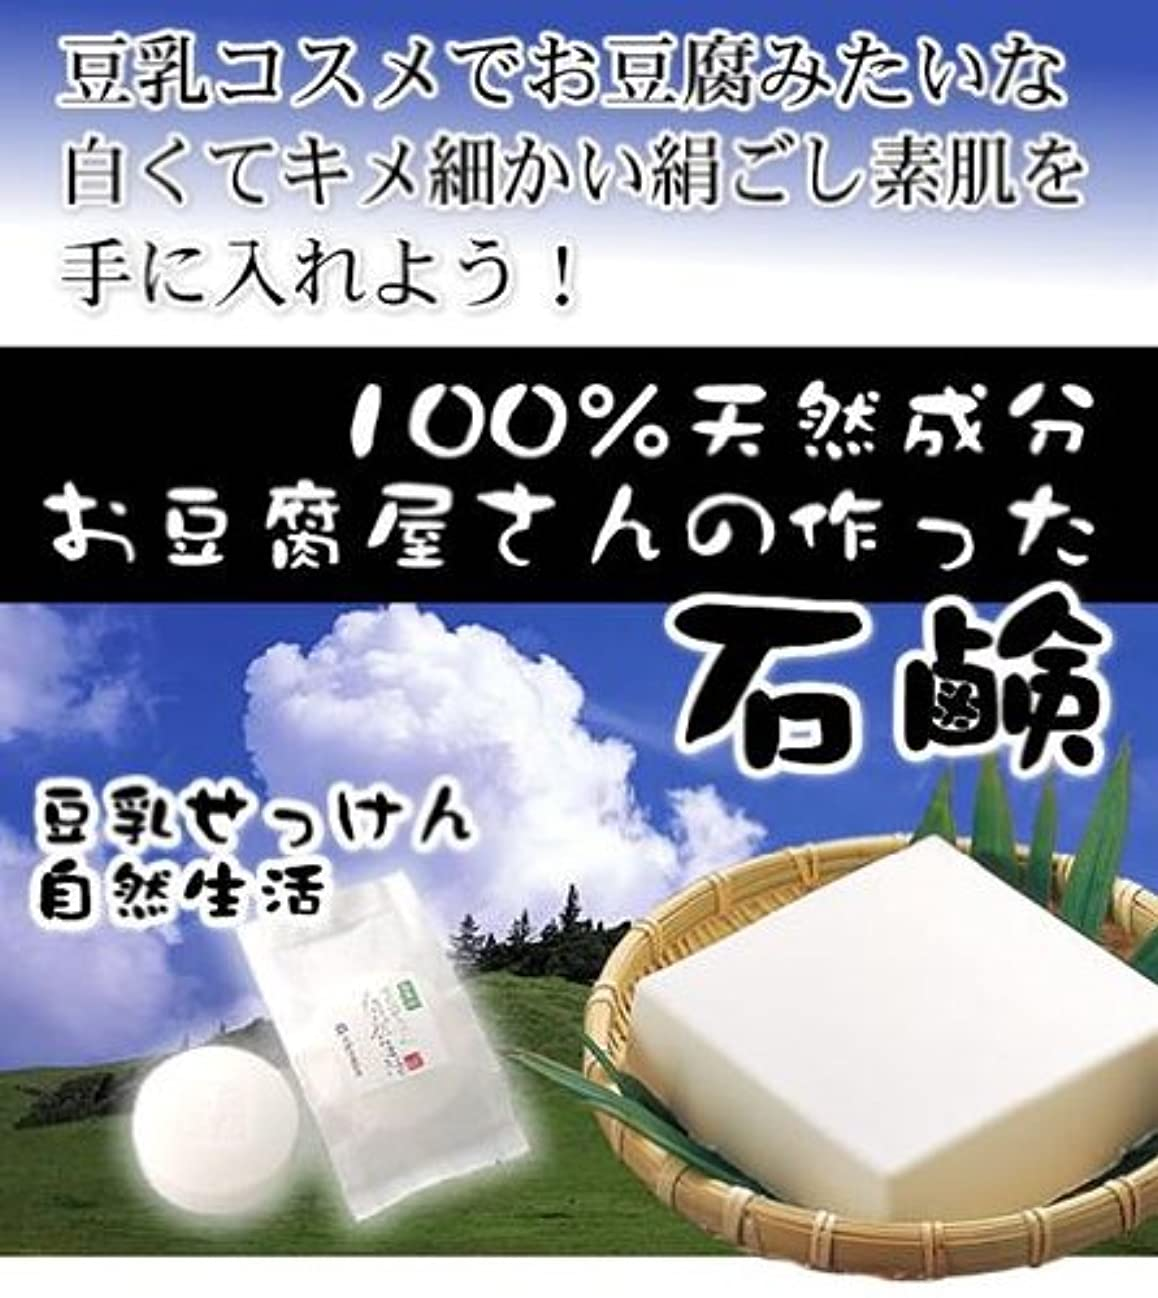 豆腐の盛田屋 豆乳せっけん 自然生活/引越し/新生活/プレゼント/ギフト